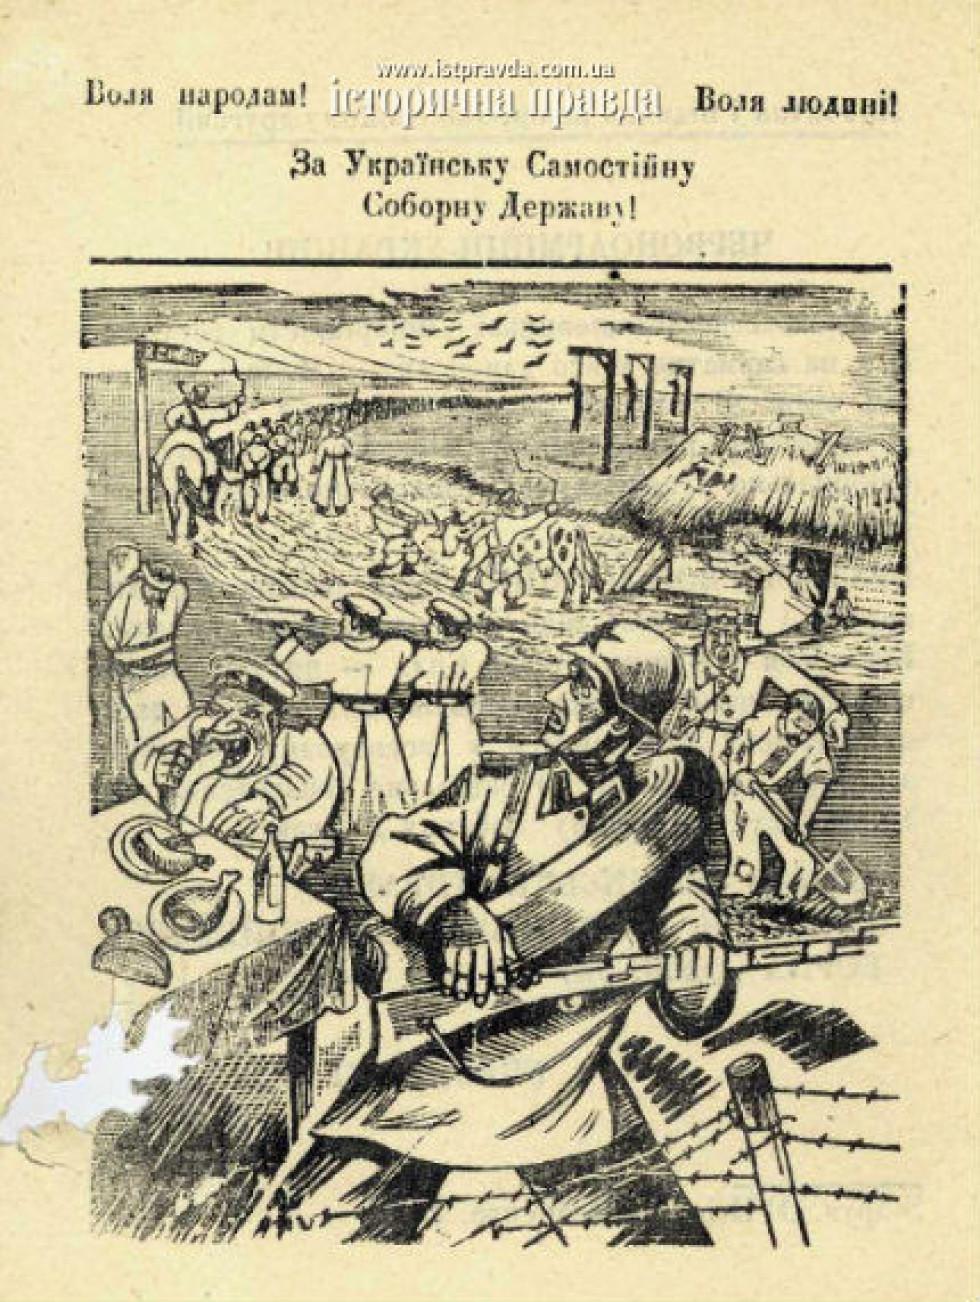 Листівка УПА, звернена до червоноармійців